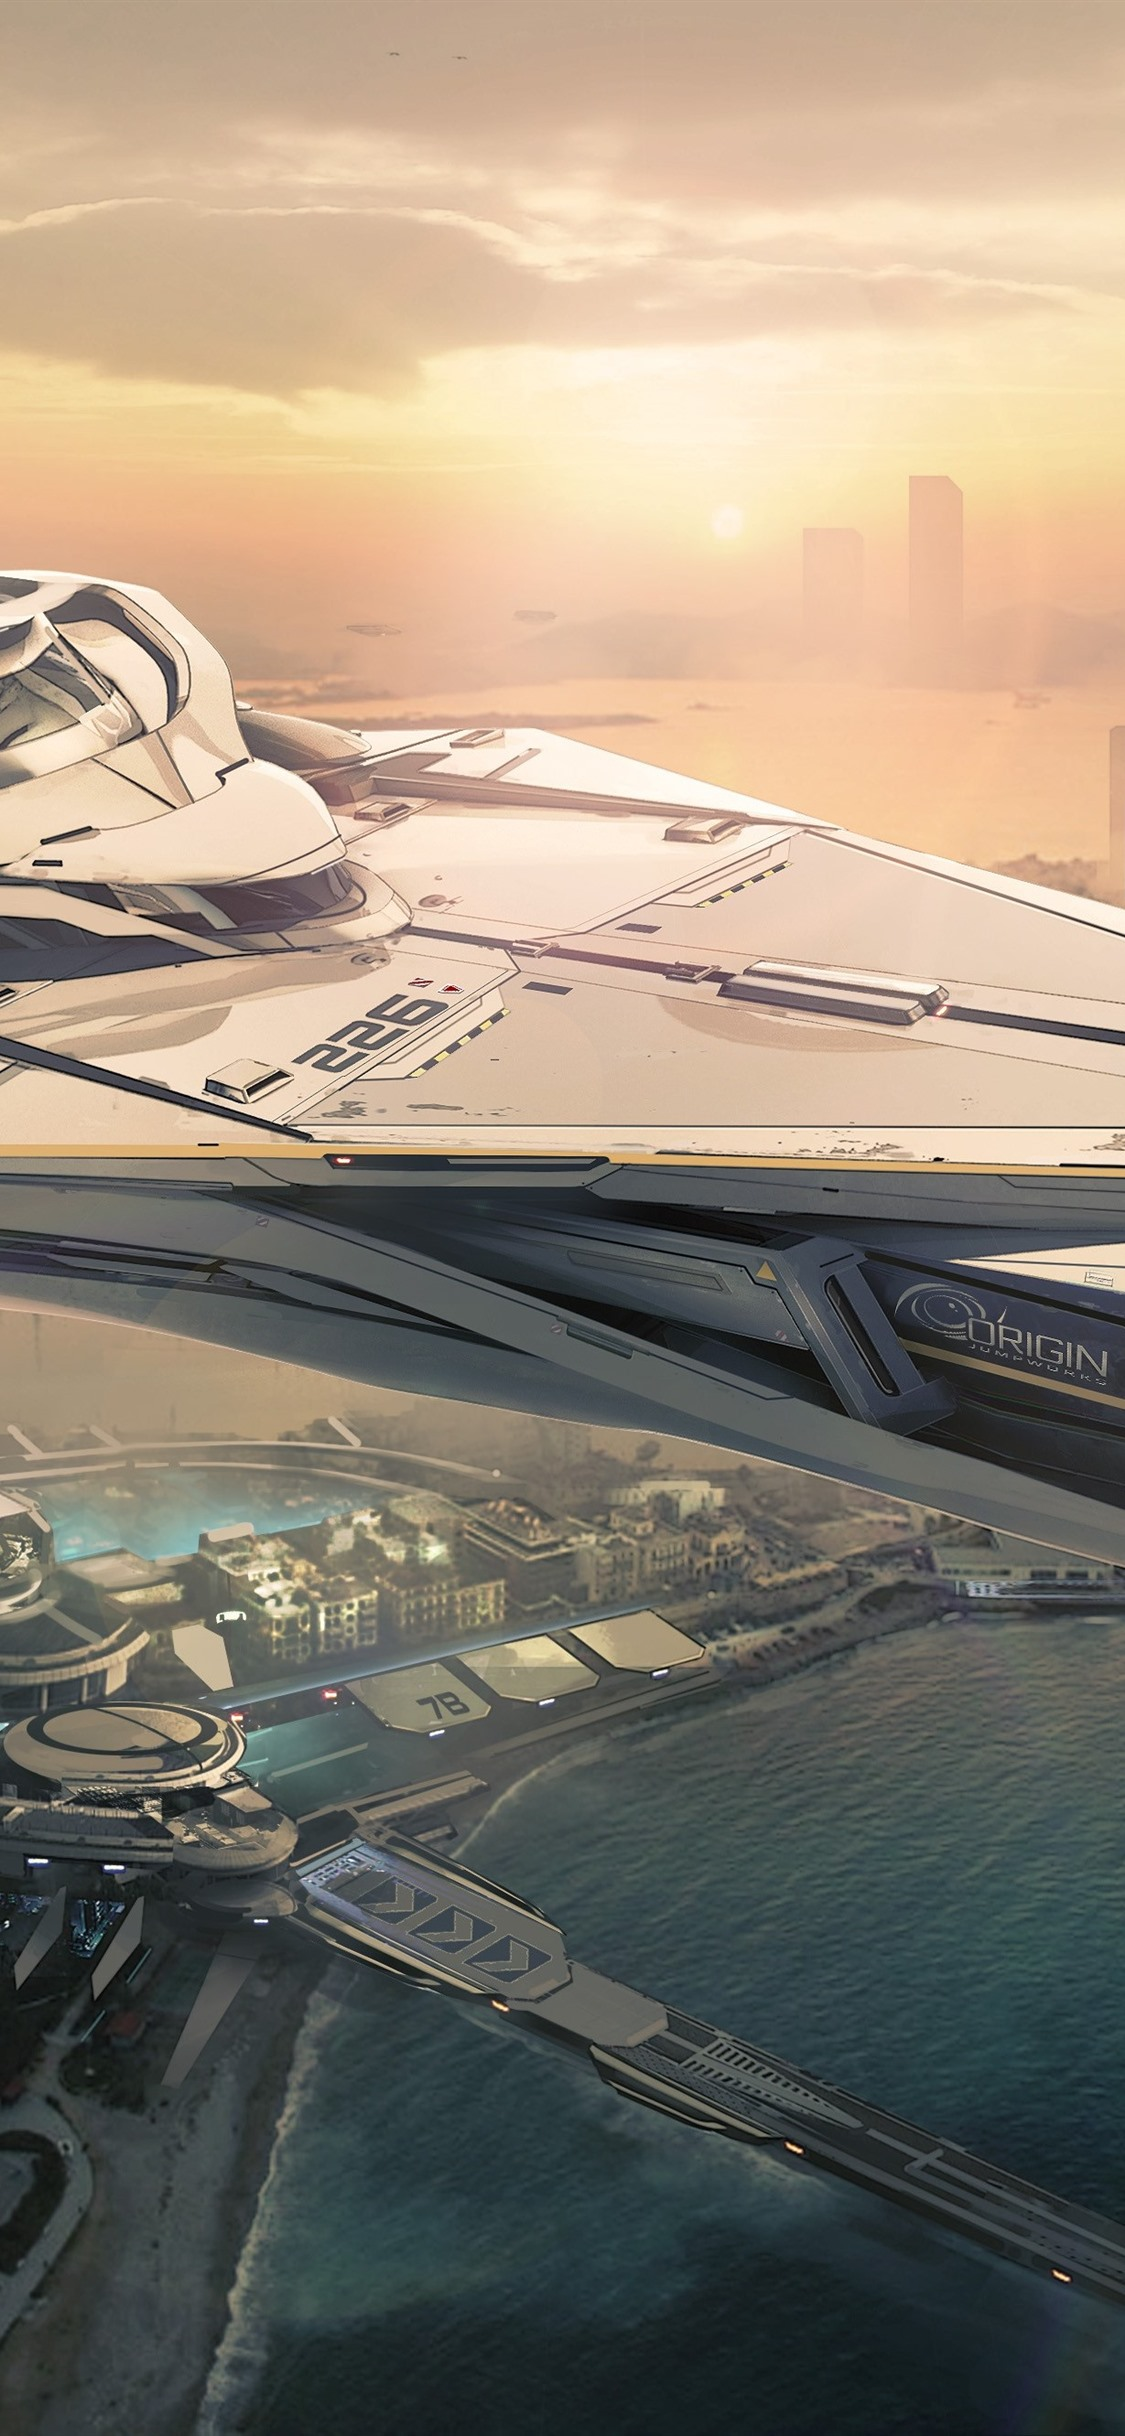 Iphone Wallpaper Star Citizen, Future City, Spaceship - Star Citizen 890 Jump , HD Wallpaper & Backgrounds